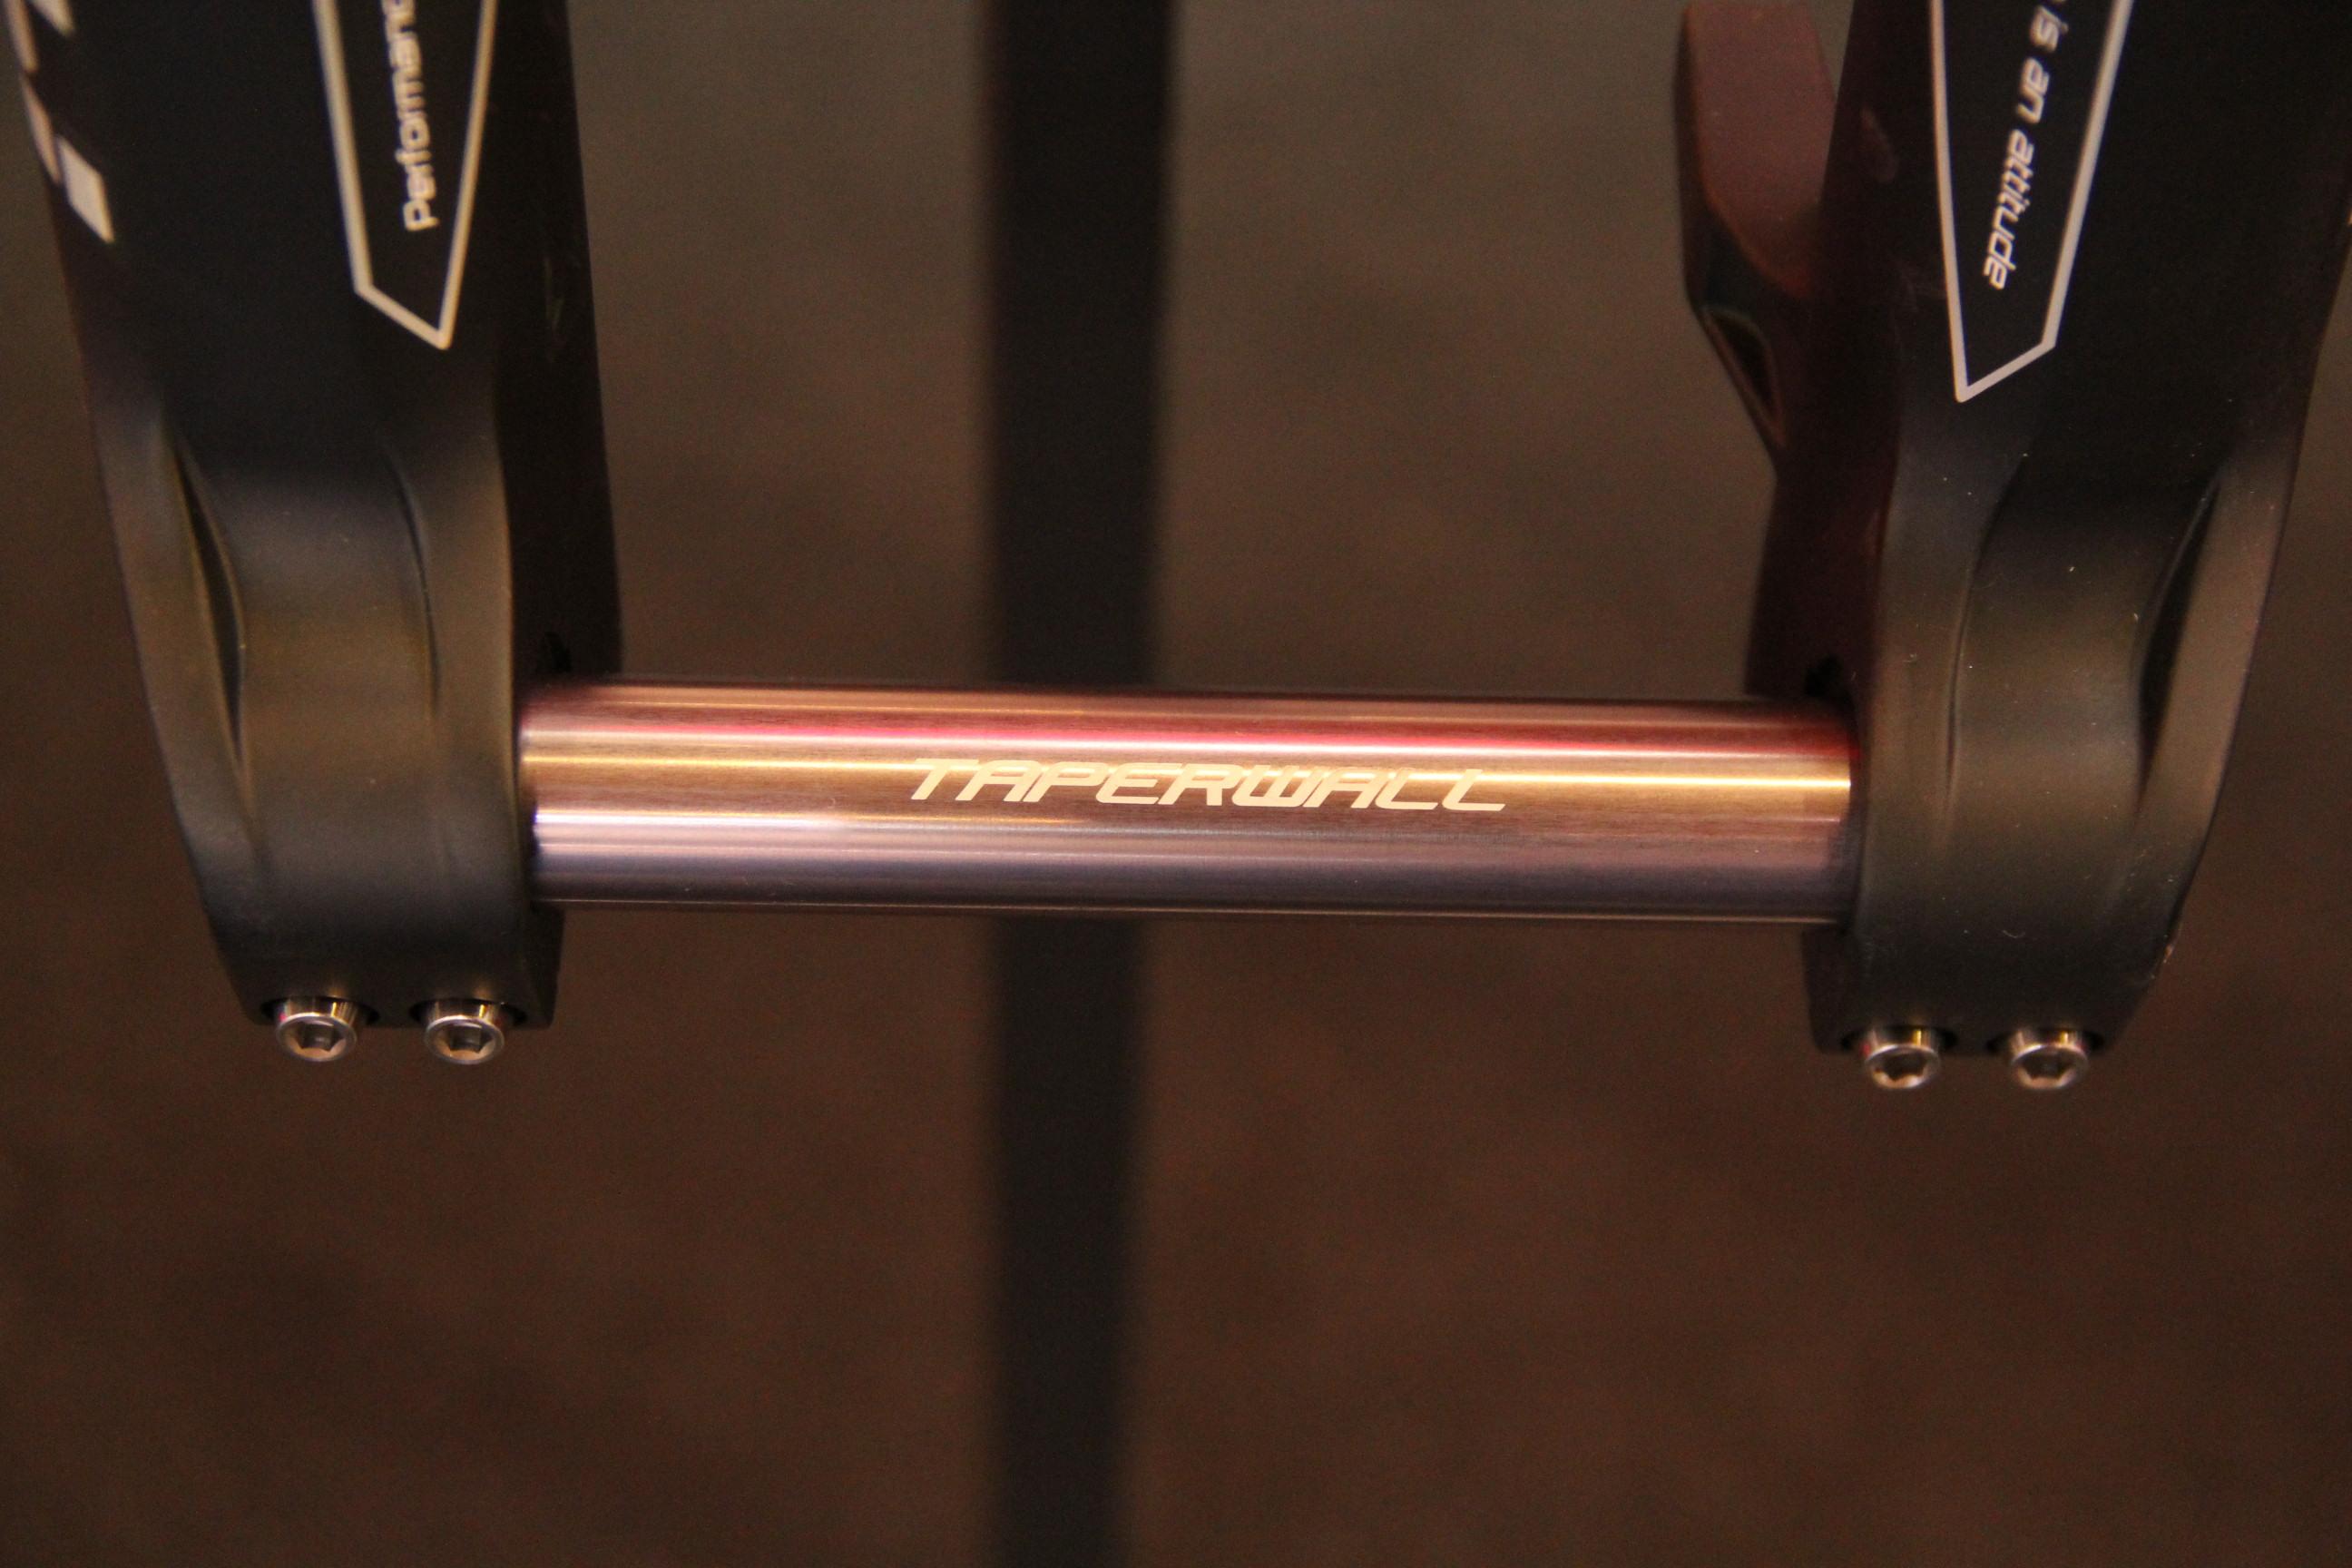 Marzocchi 380, 38mm Standrohre, Taper Wall Steckachse, Titanschrauben, Espresso-Coating, 2.750 Gramm, 1.849 Euro, passend für 26